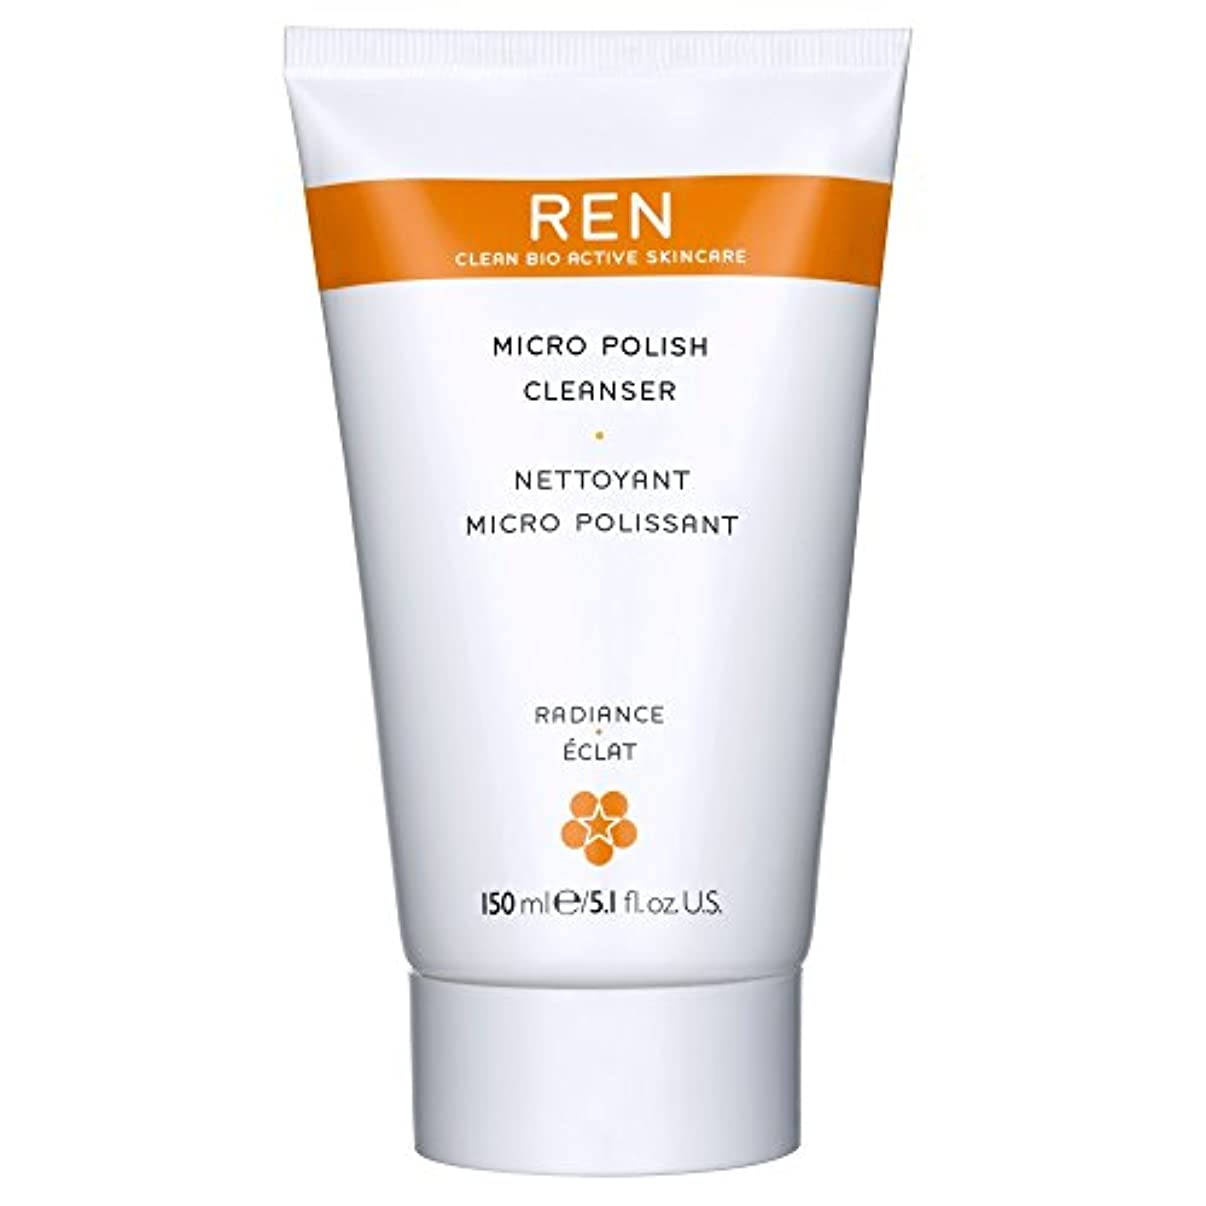 縁石クリップ蝶逸話Renミルコ磨きクレンザー、150ミリリットル (REN) (x6) - REN Mirco Polish Cleanser, 150ml (Pack of 6) [並行輸入品]